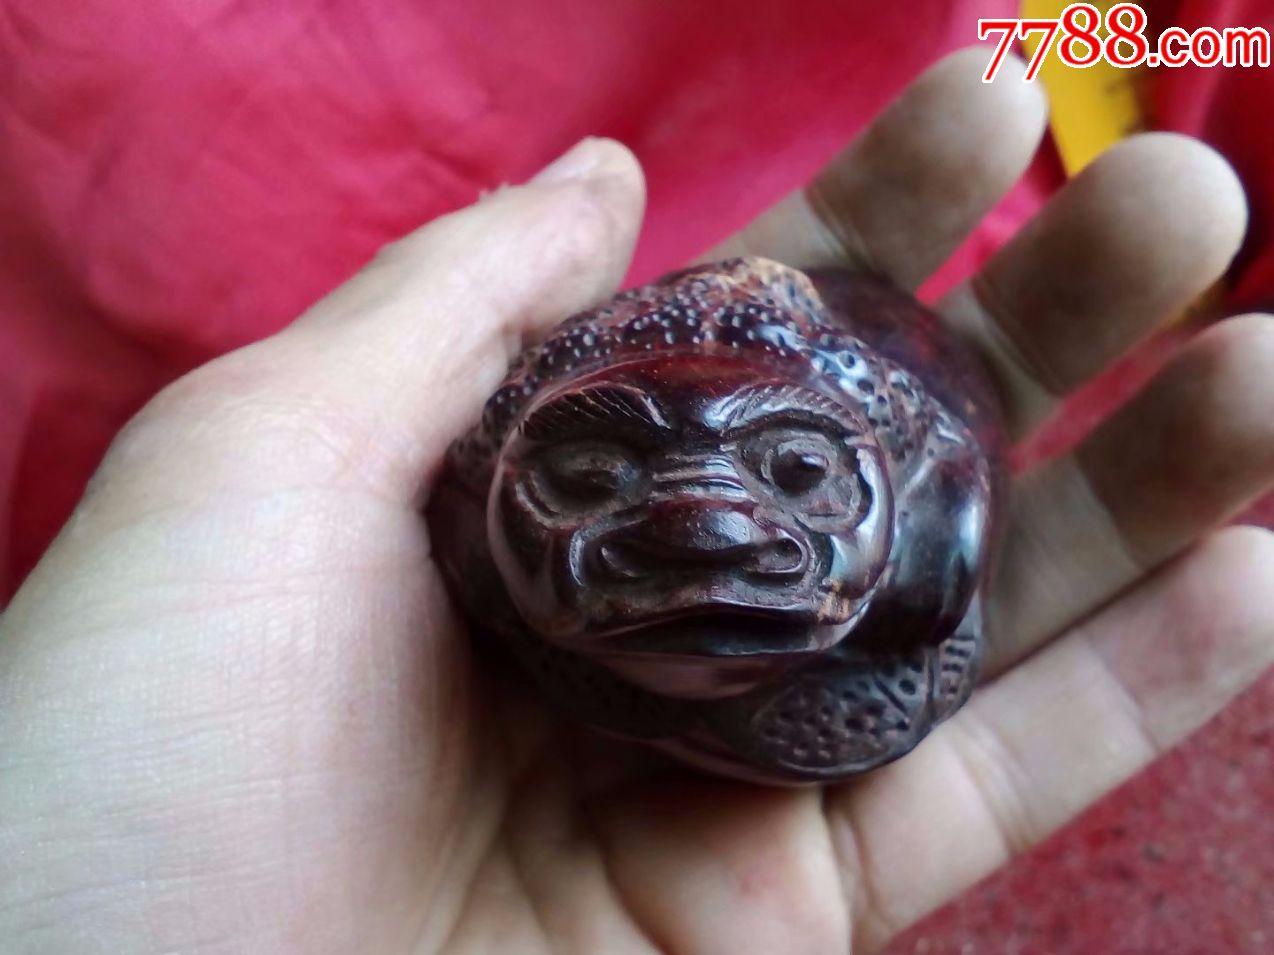 特价,红木,纯手工雕刻花鸟动物,招财金蟾,手把玩件,很快卖了